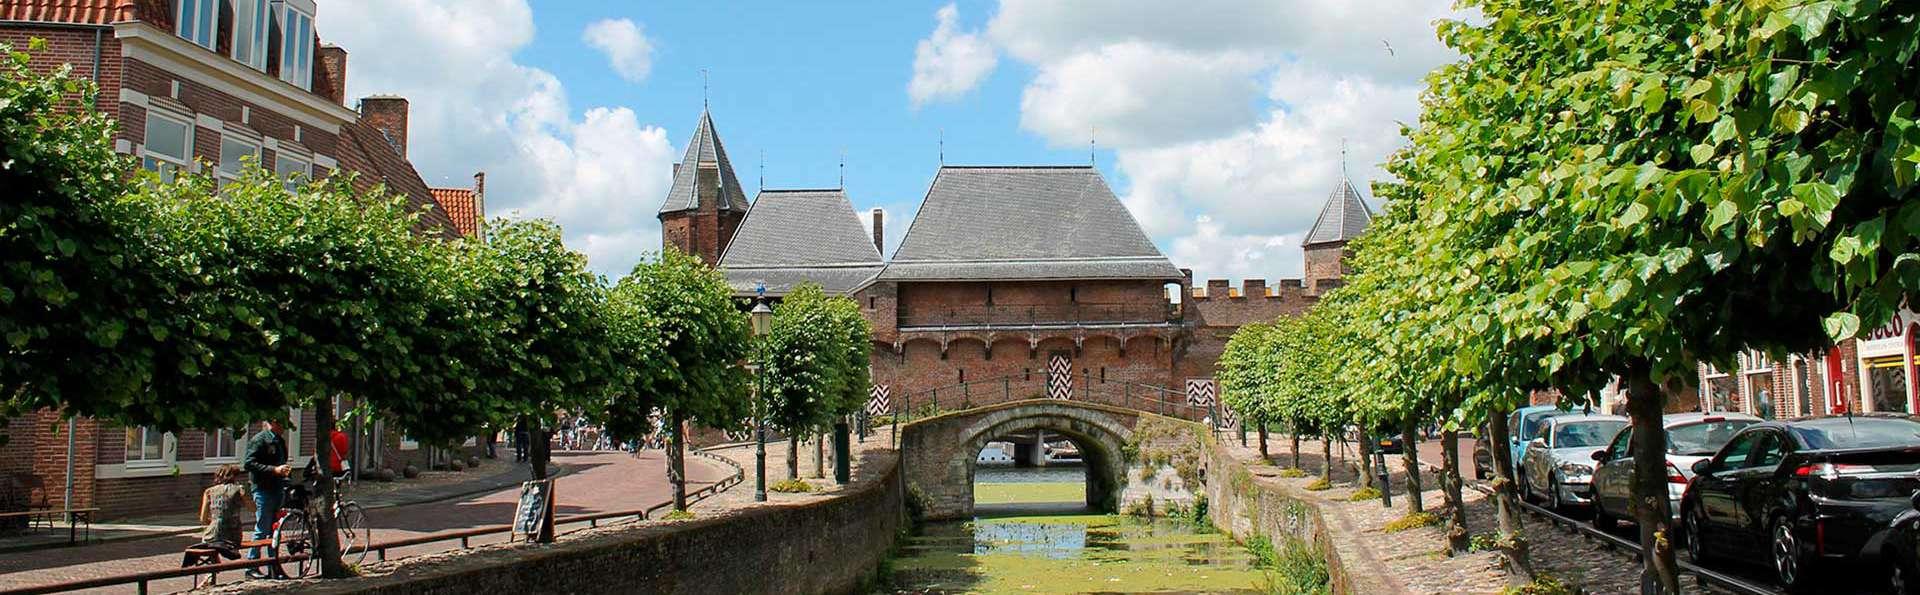 Profitez d'un séjour merveilleux près d'Amersfoort